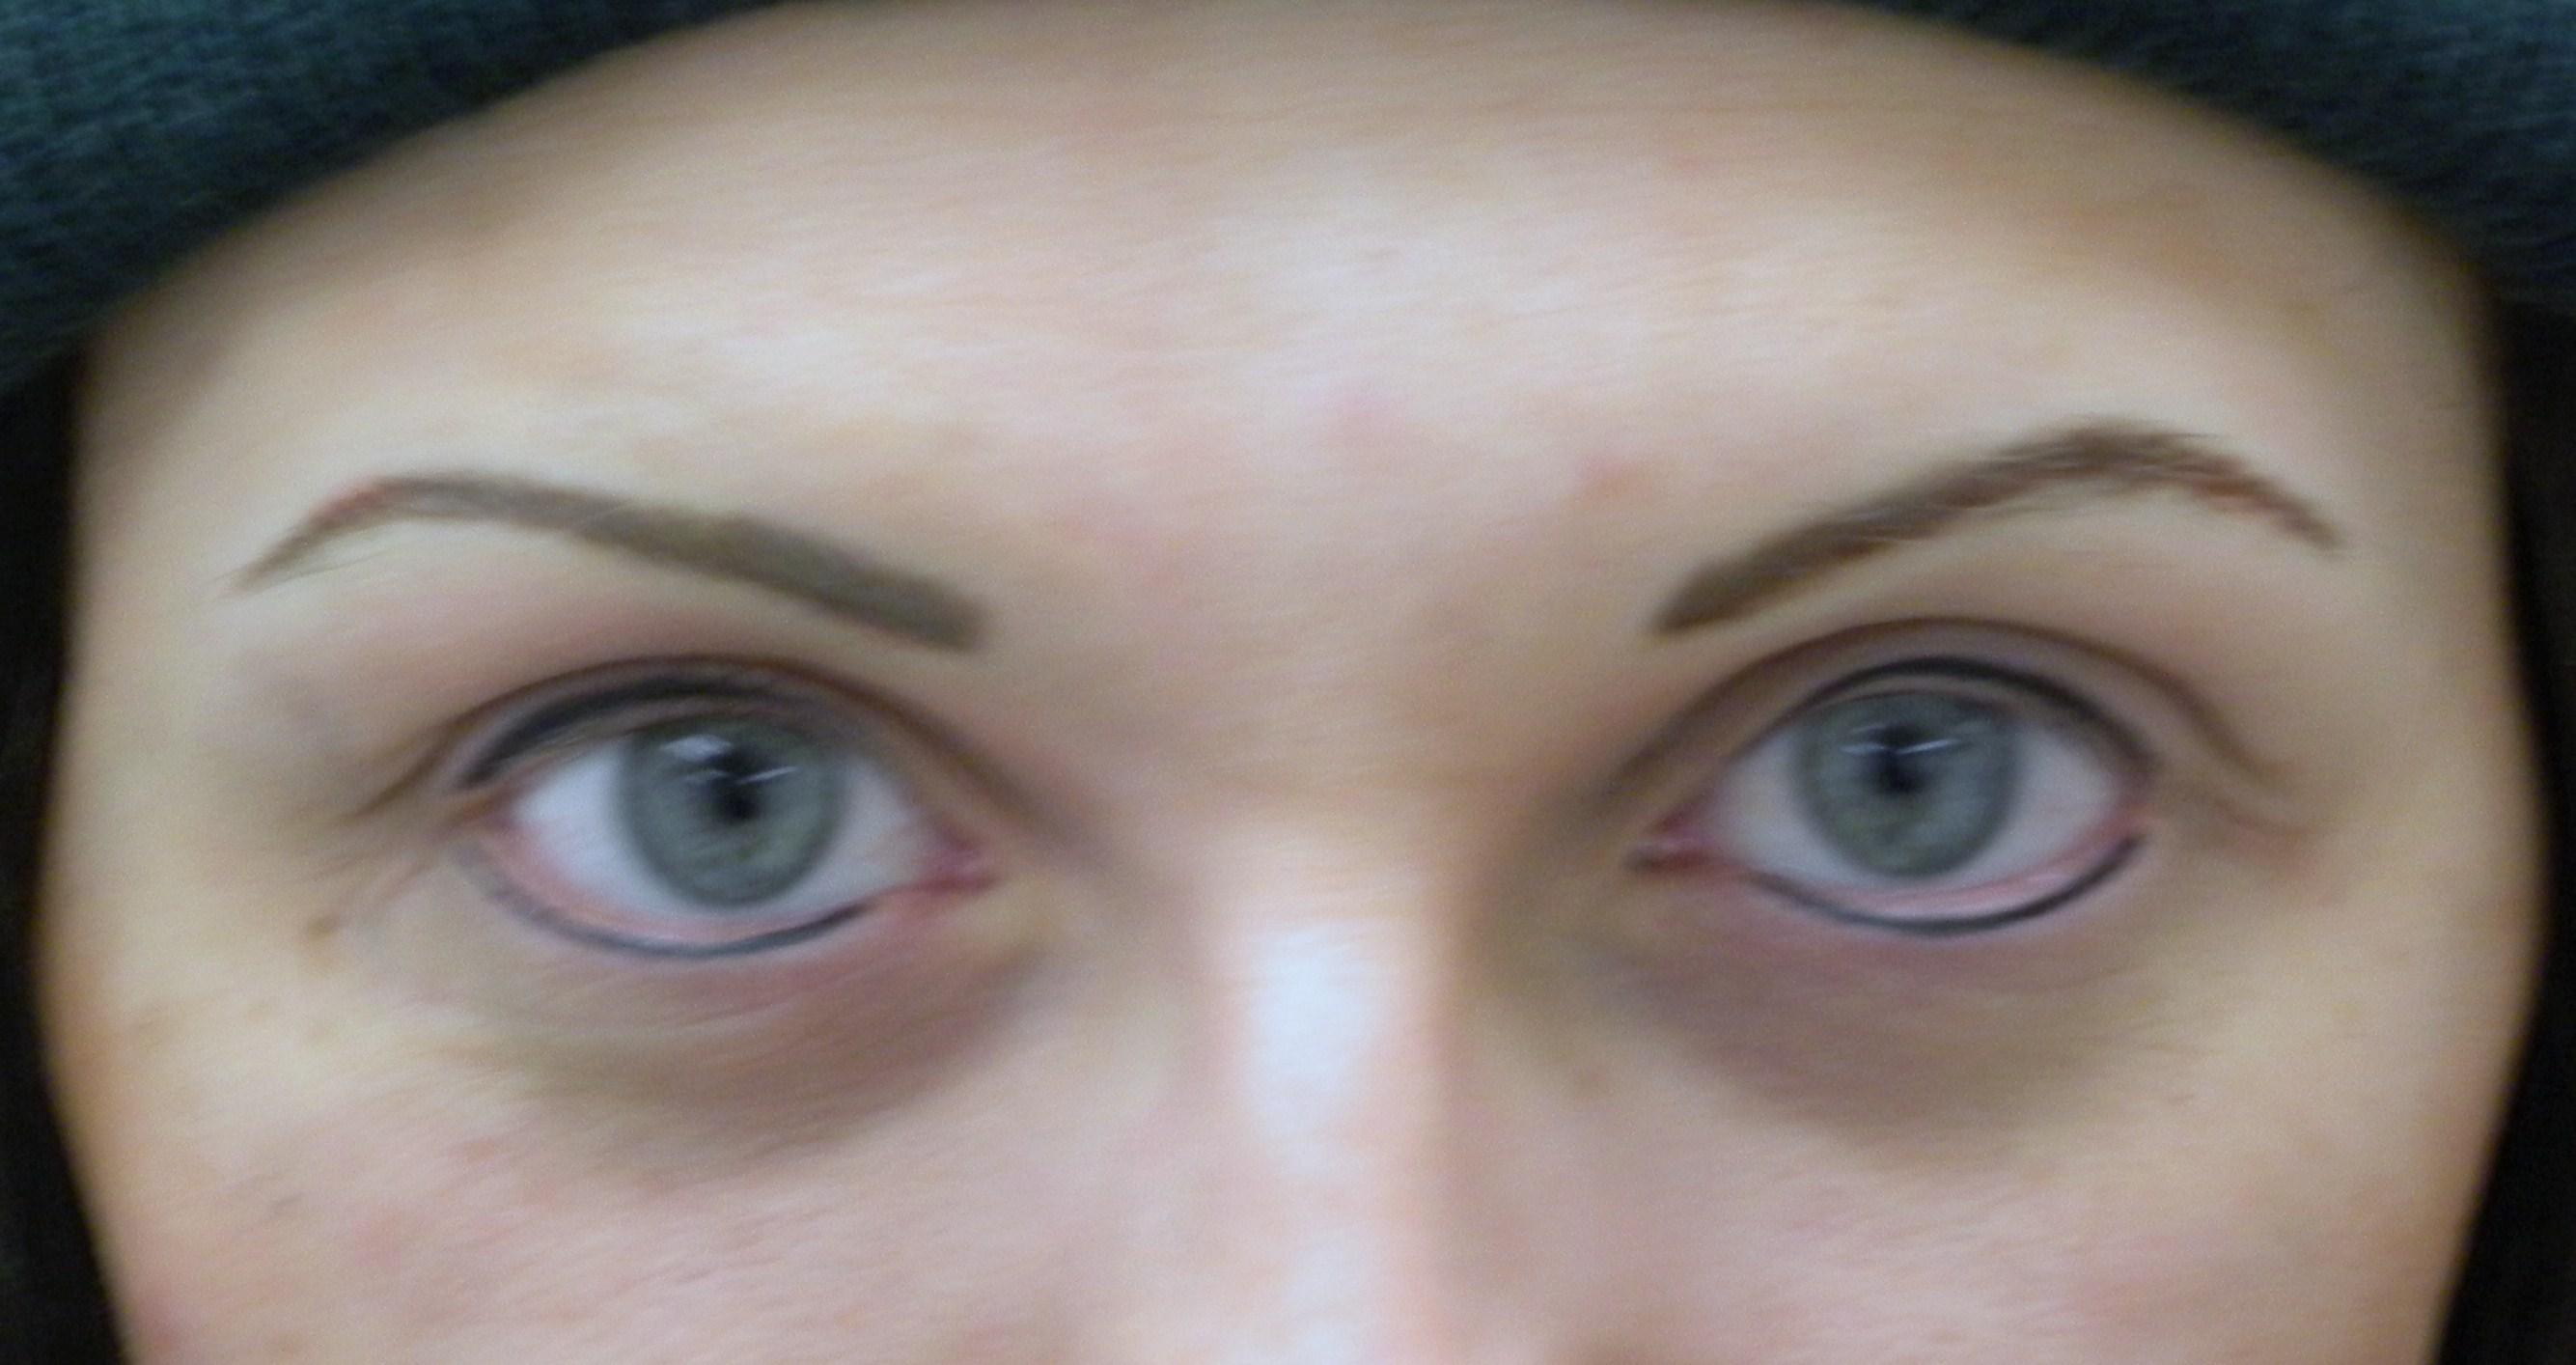 Alopecia Brows And Eyeliner No Natural Hair Or Lashes